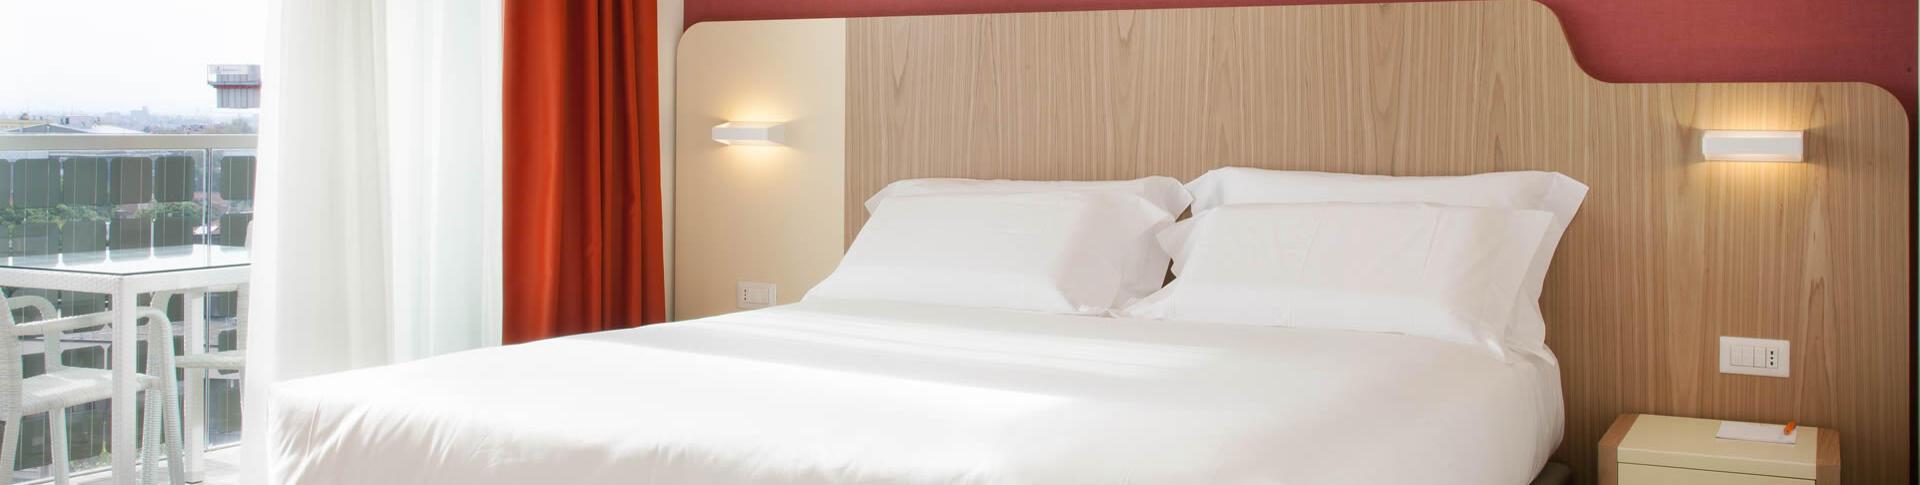 ariahotel en room-quality 013